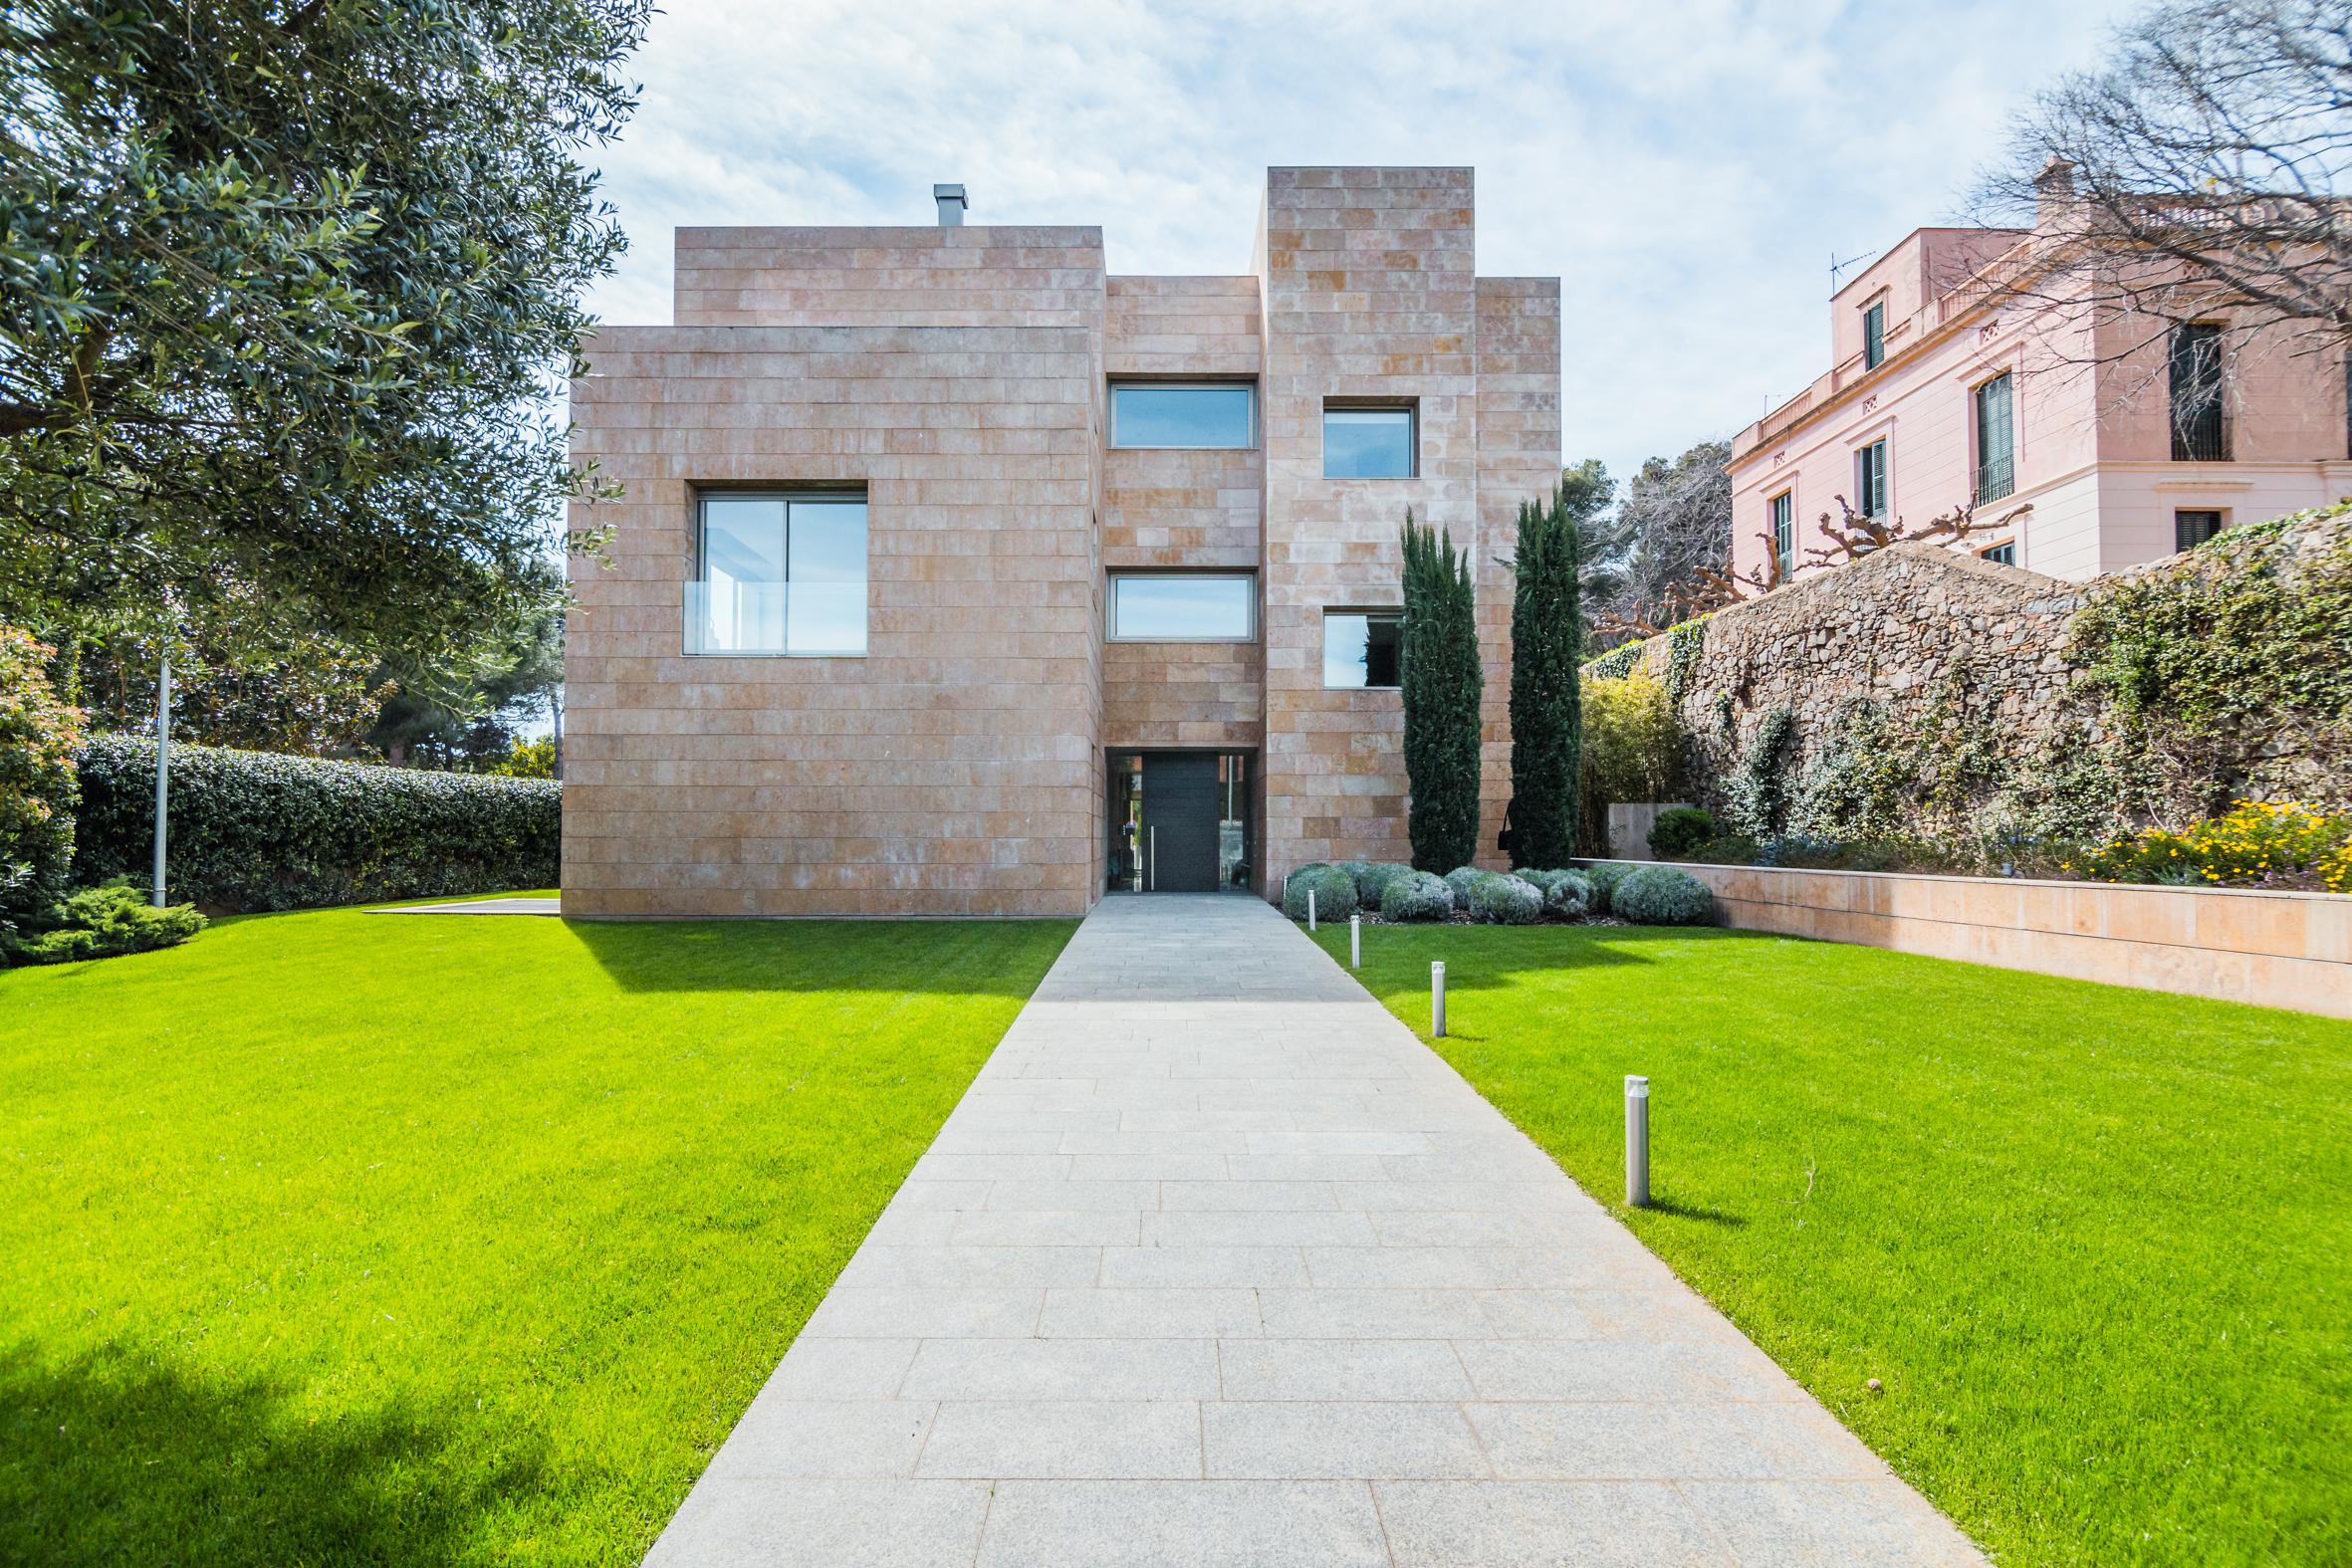 La casa dispone de 900 m2 construidos en una parcela de 1.500 m2 / Living